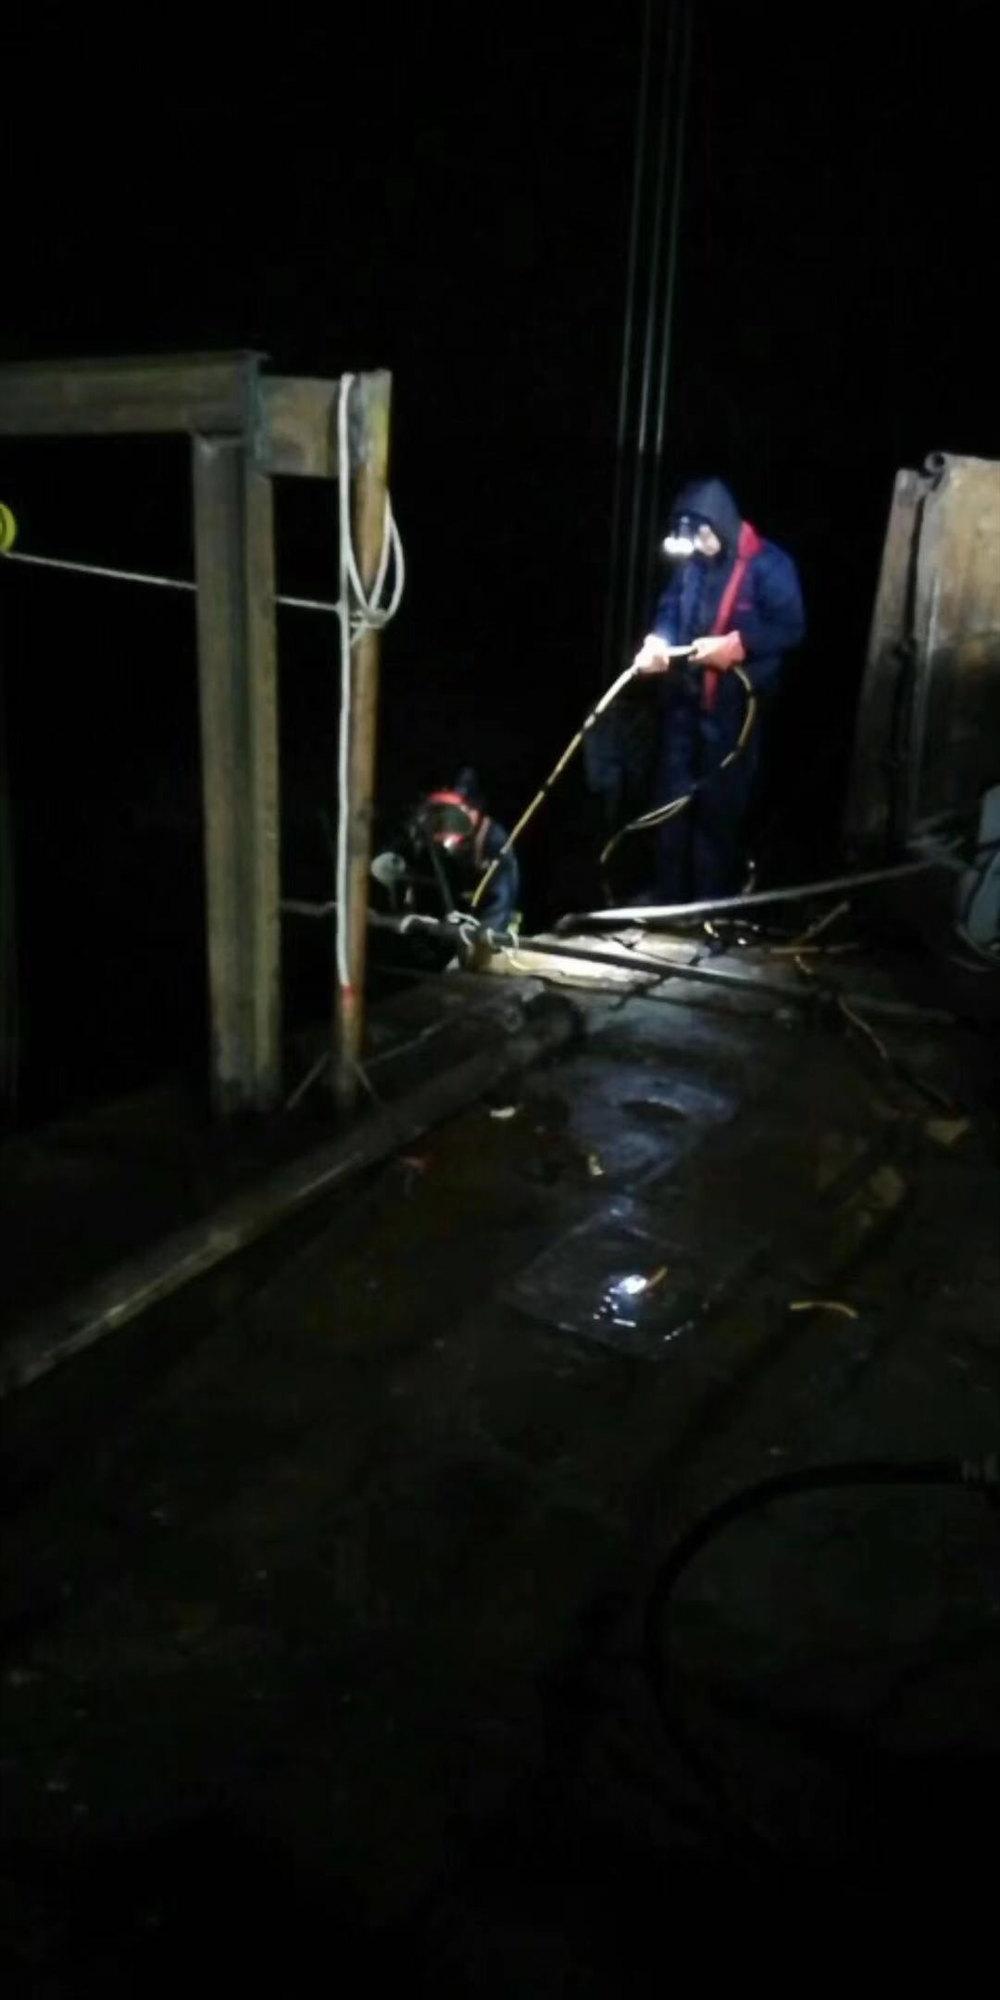 抚顺市蛙人专业服务公司□□地下管道内部水下修复→→直达作业现场